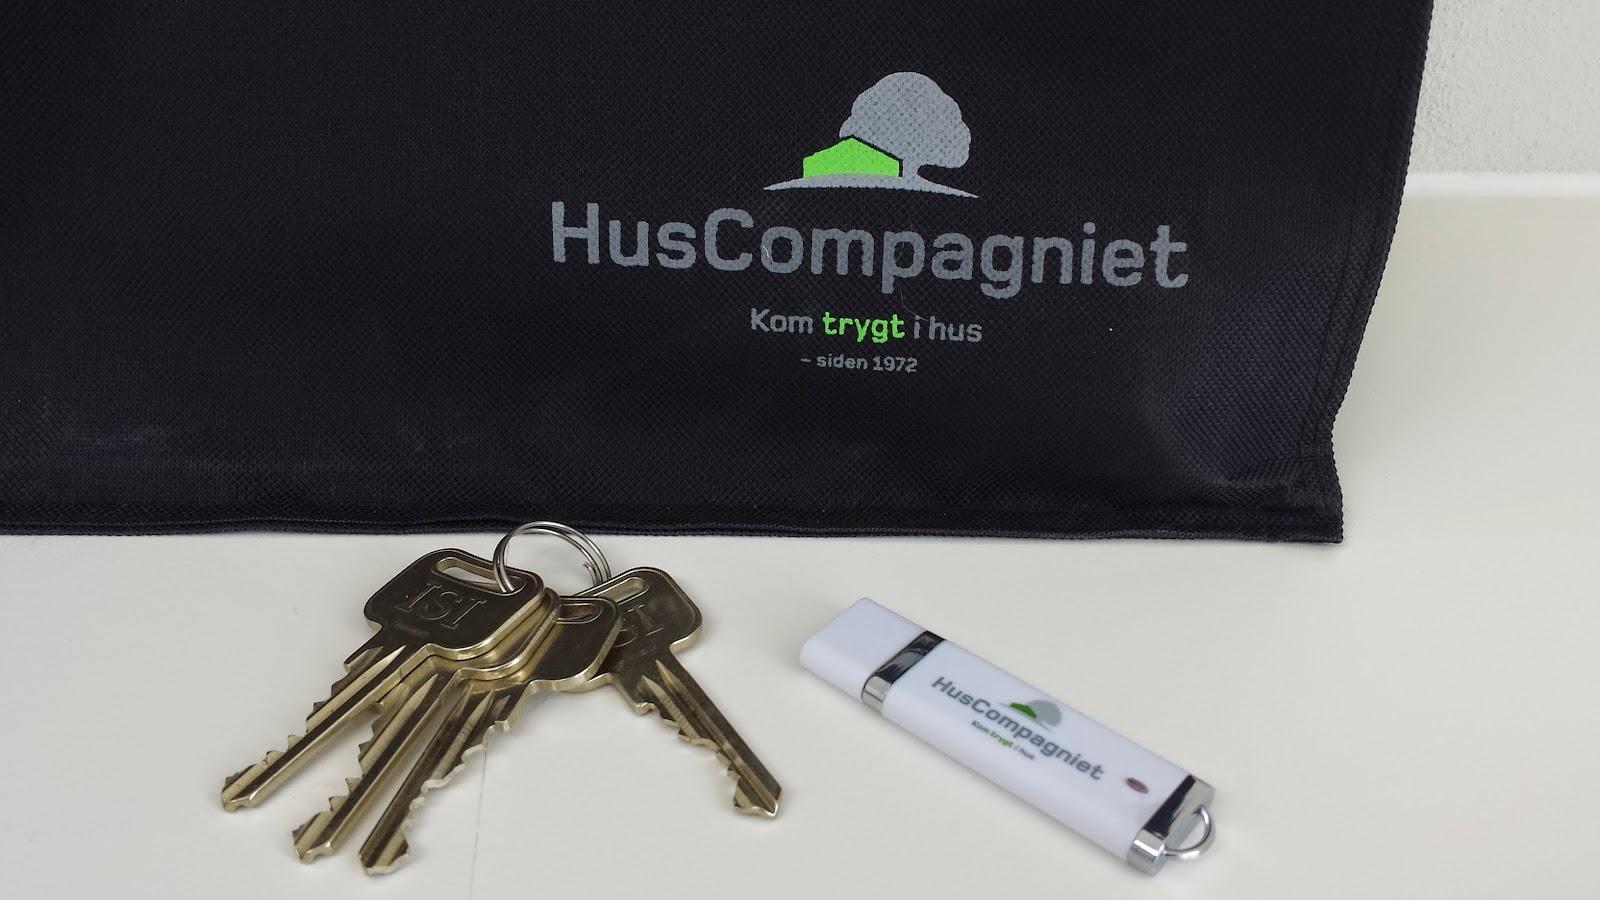 Nøgler og plantegninger til vores Huscompagniet-hus.